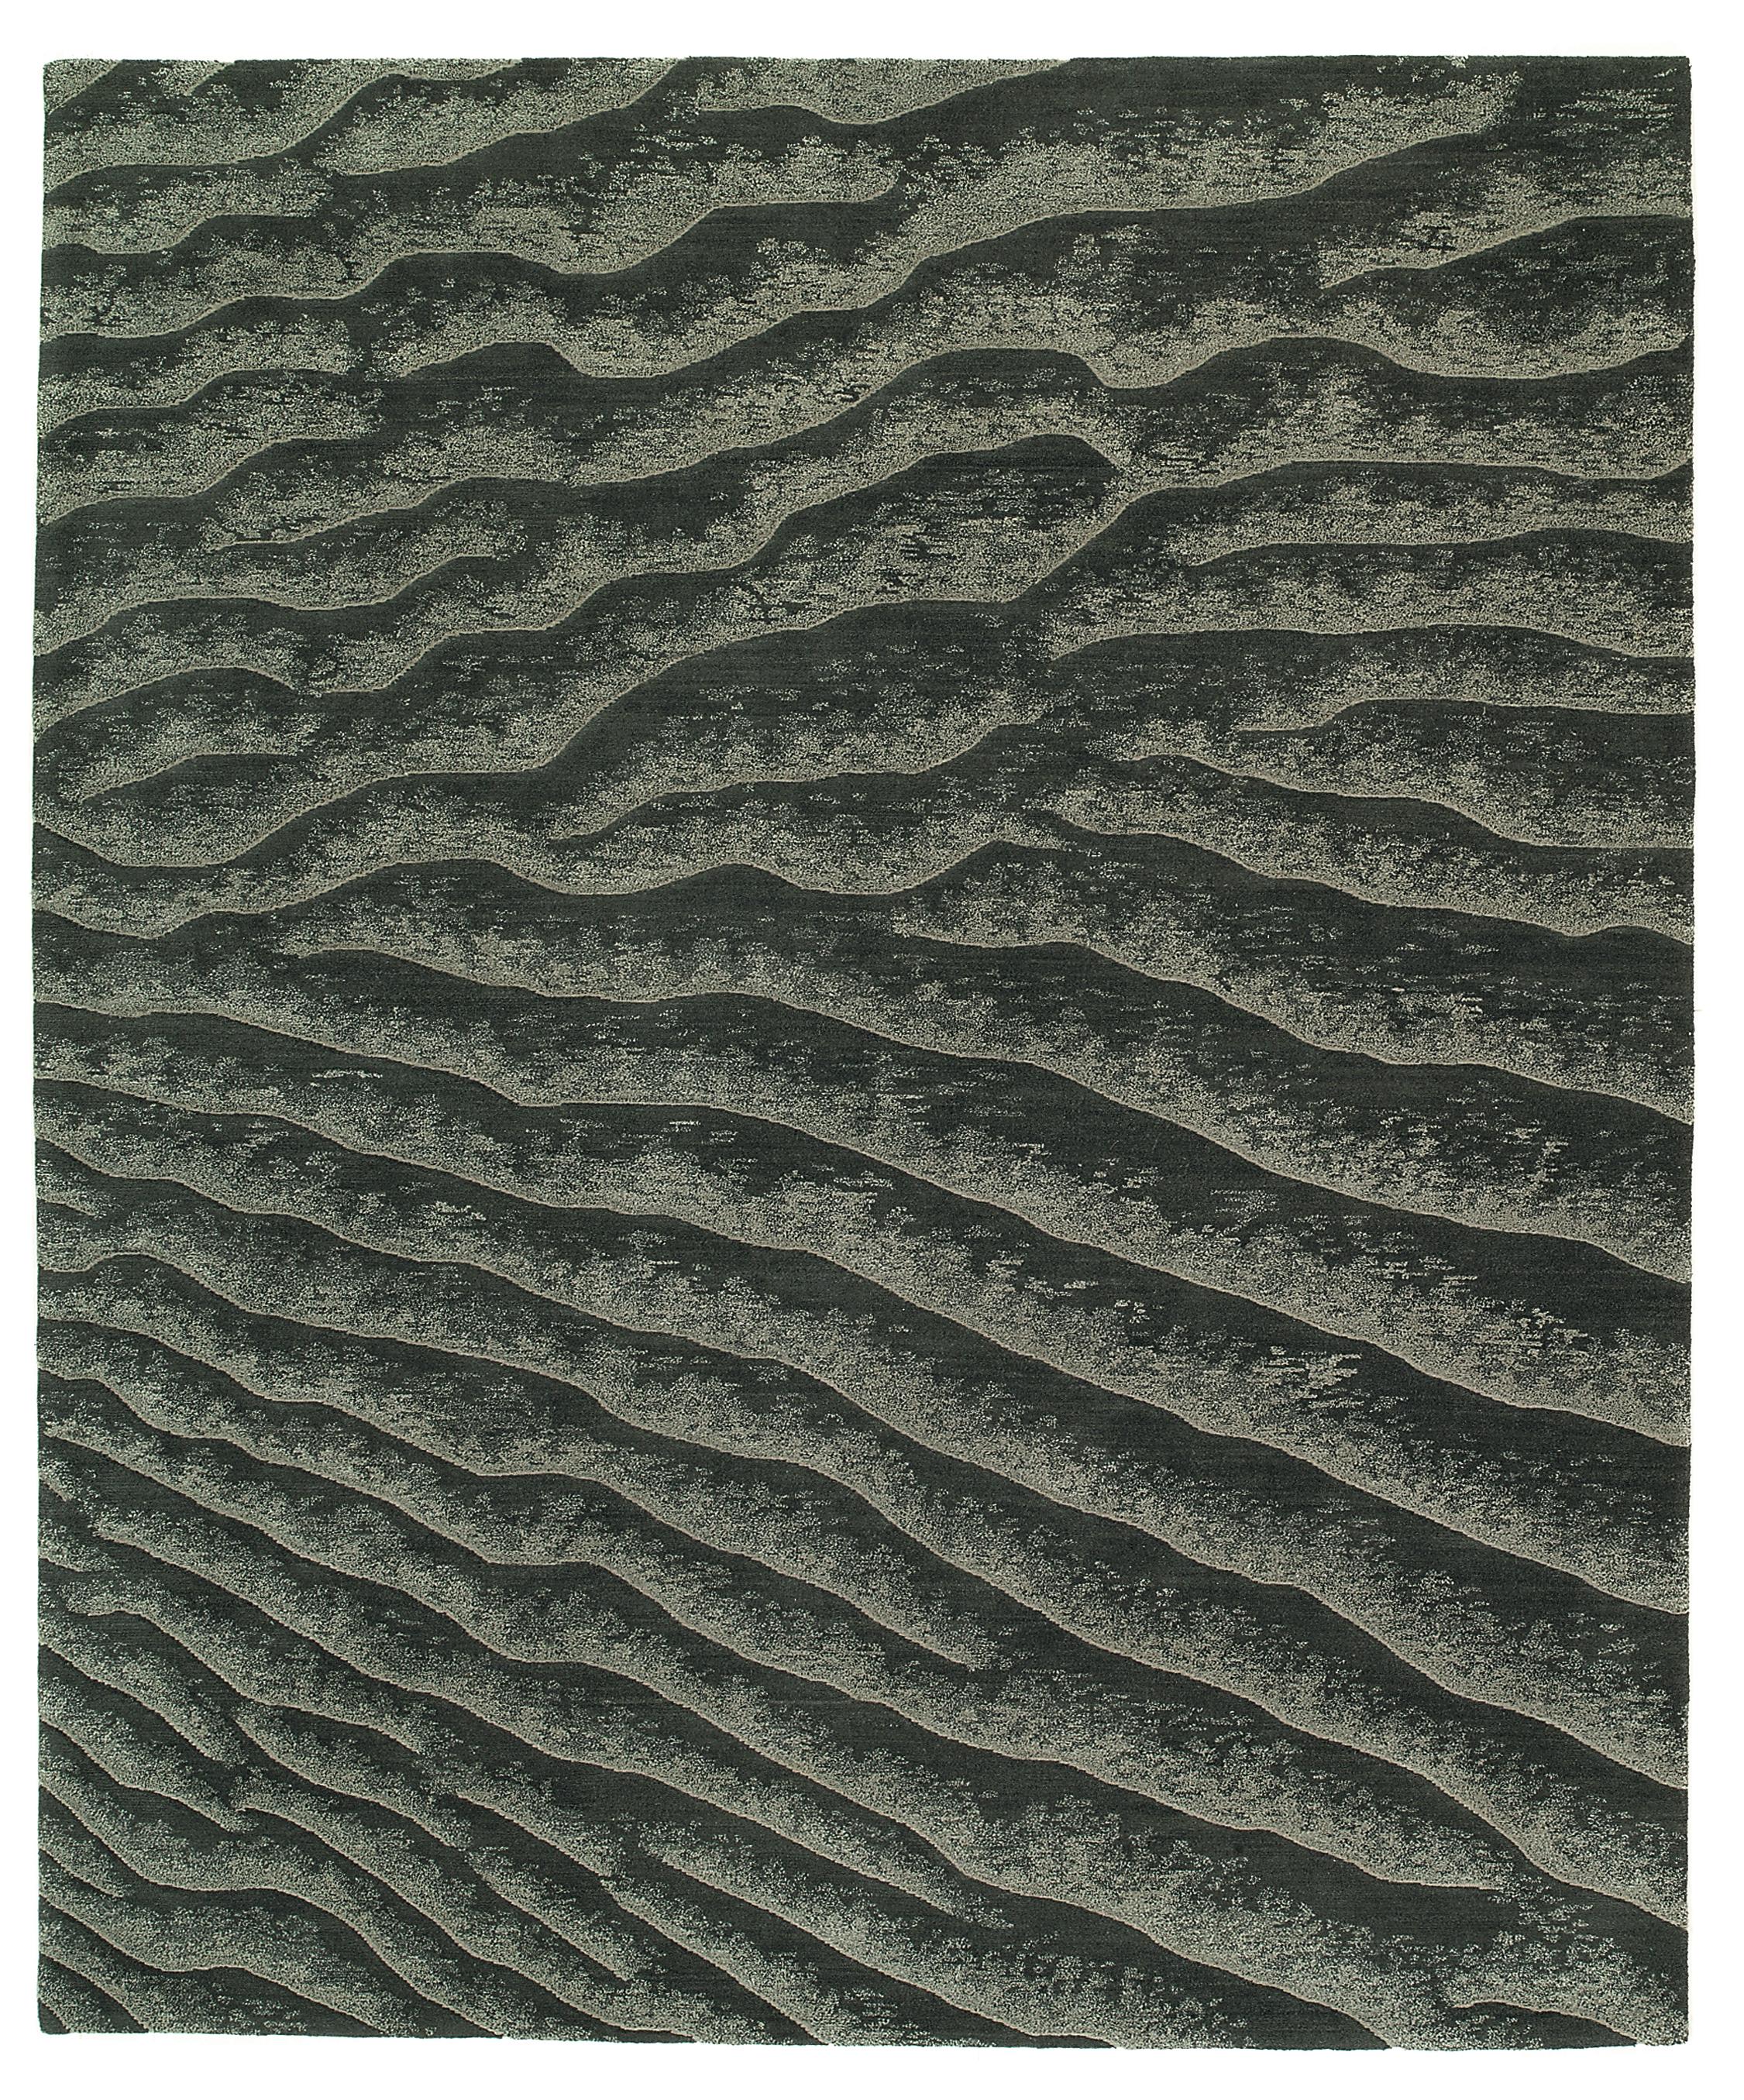 Dunes-Peppercorn 3 x 5_HR_007.jpg